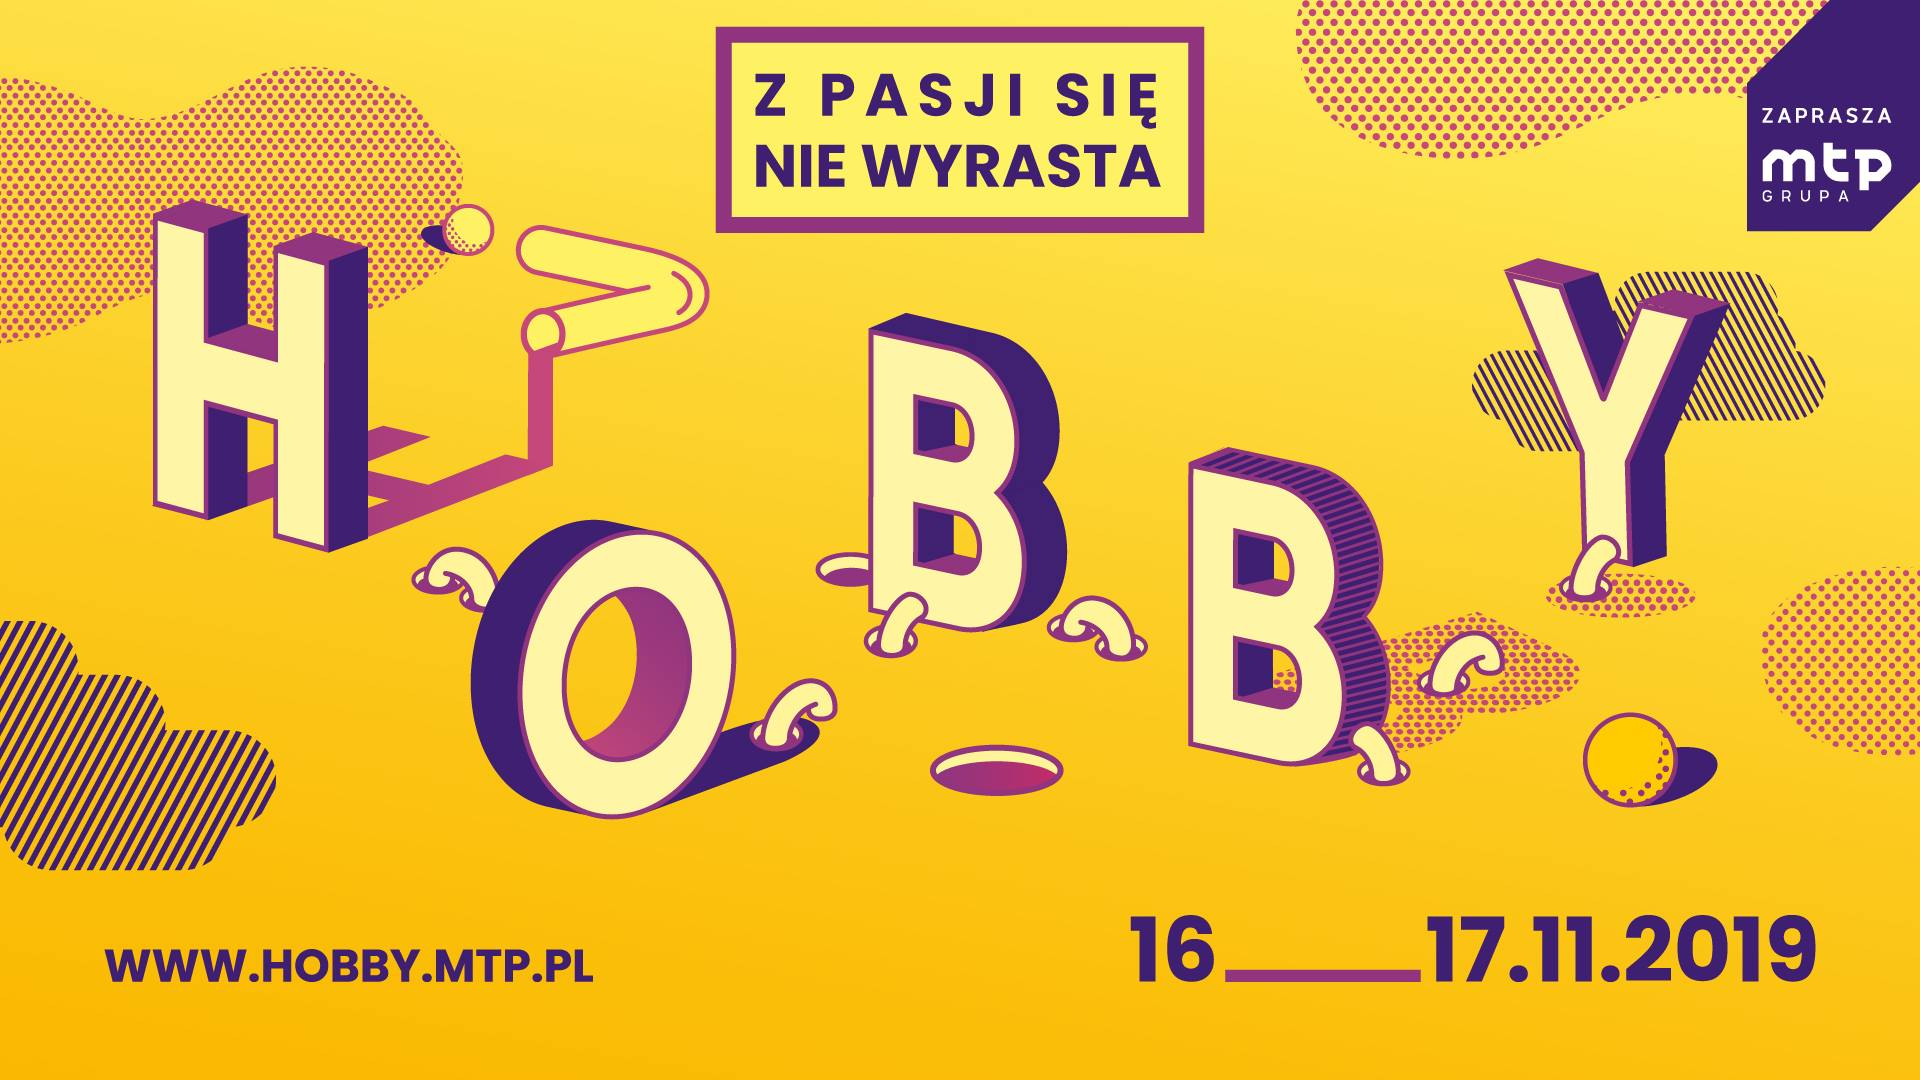 Targi HOBBY 2019 – Z Pasji Się Nie Wyrasta!